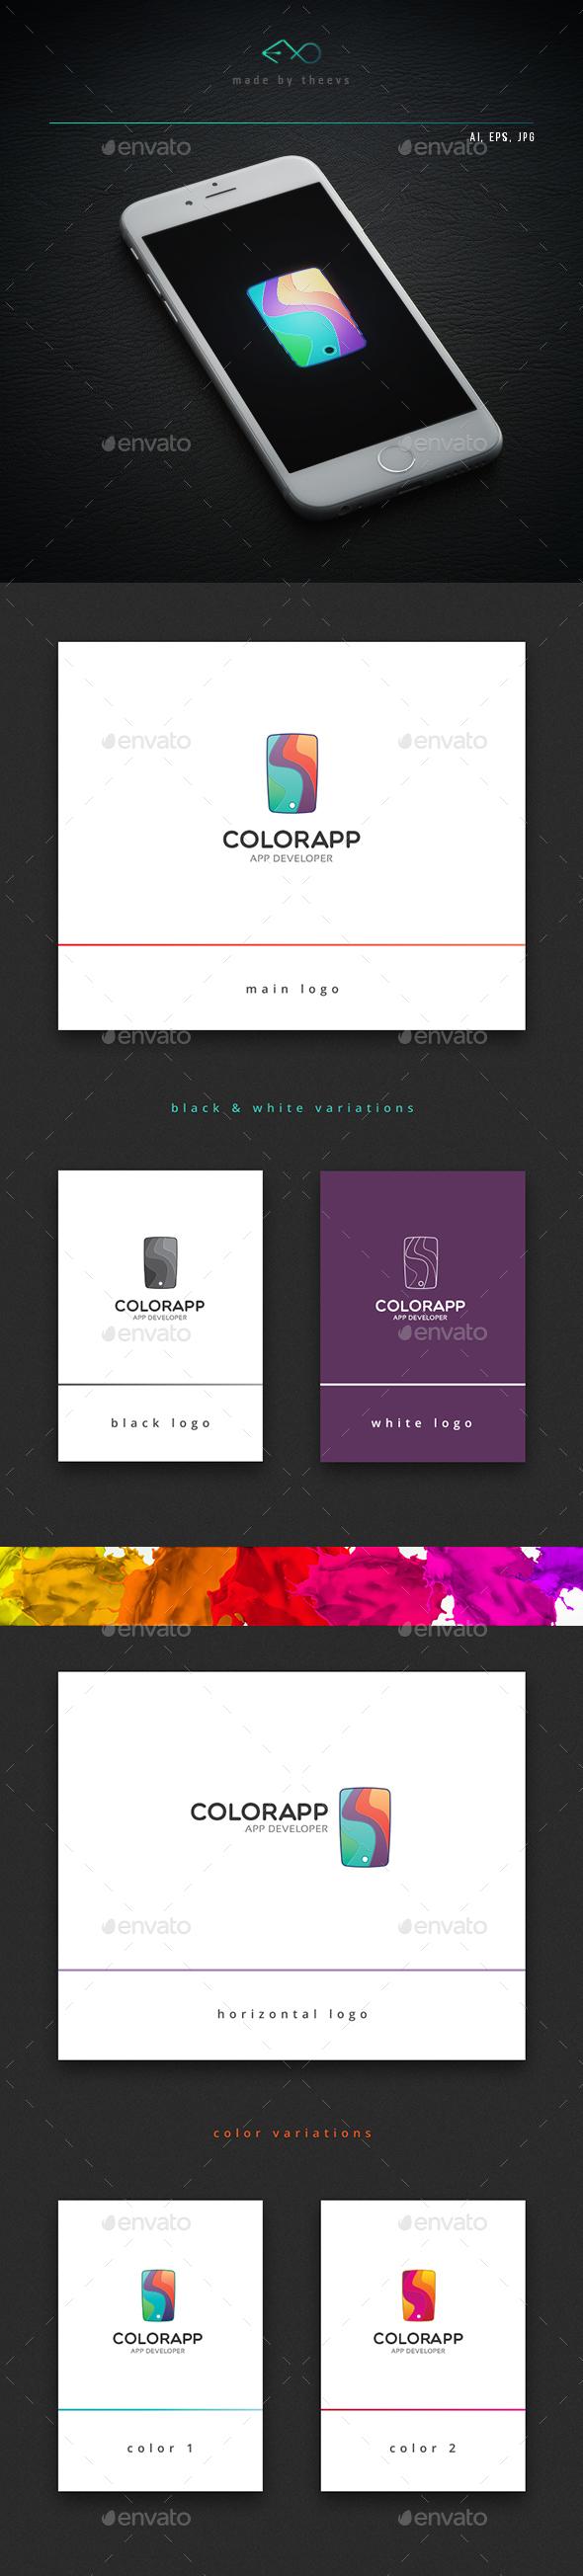 Colorapp - Vector Abstract